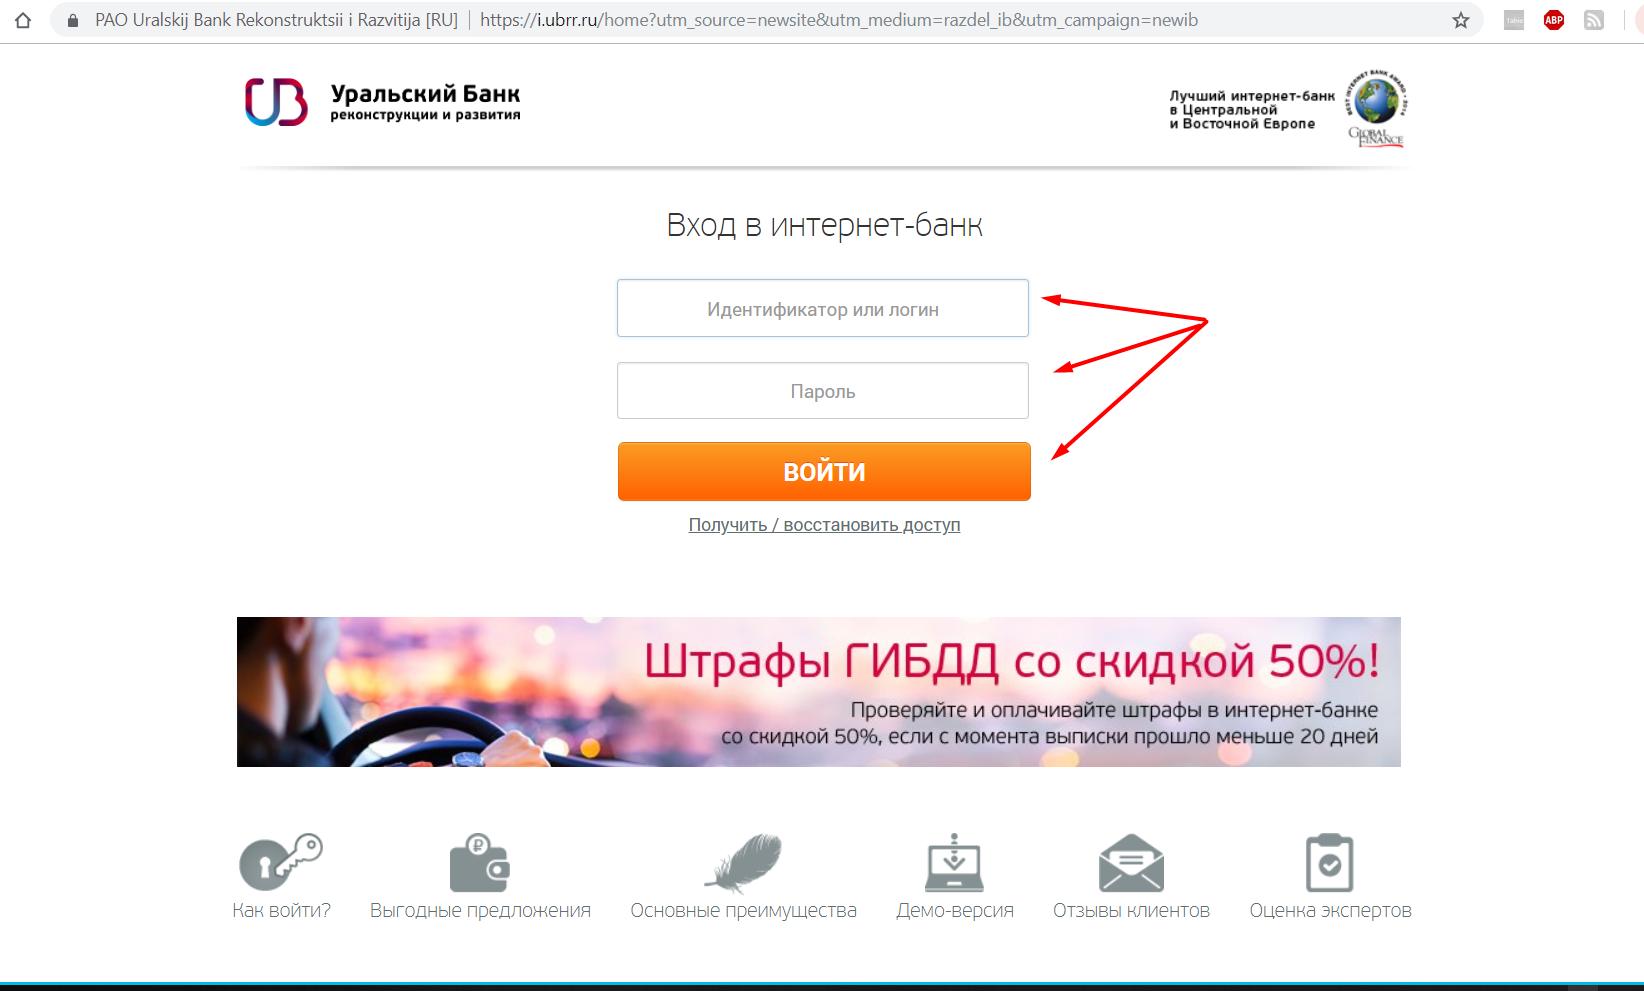 Интернет банк